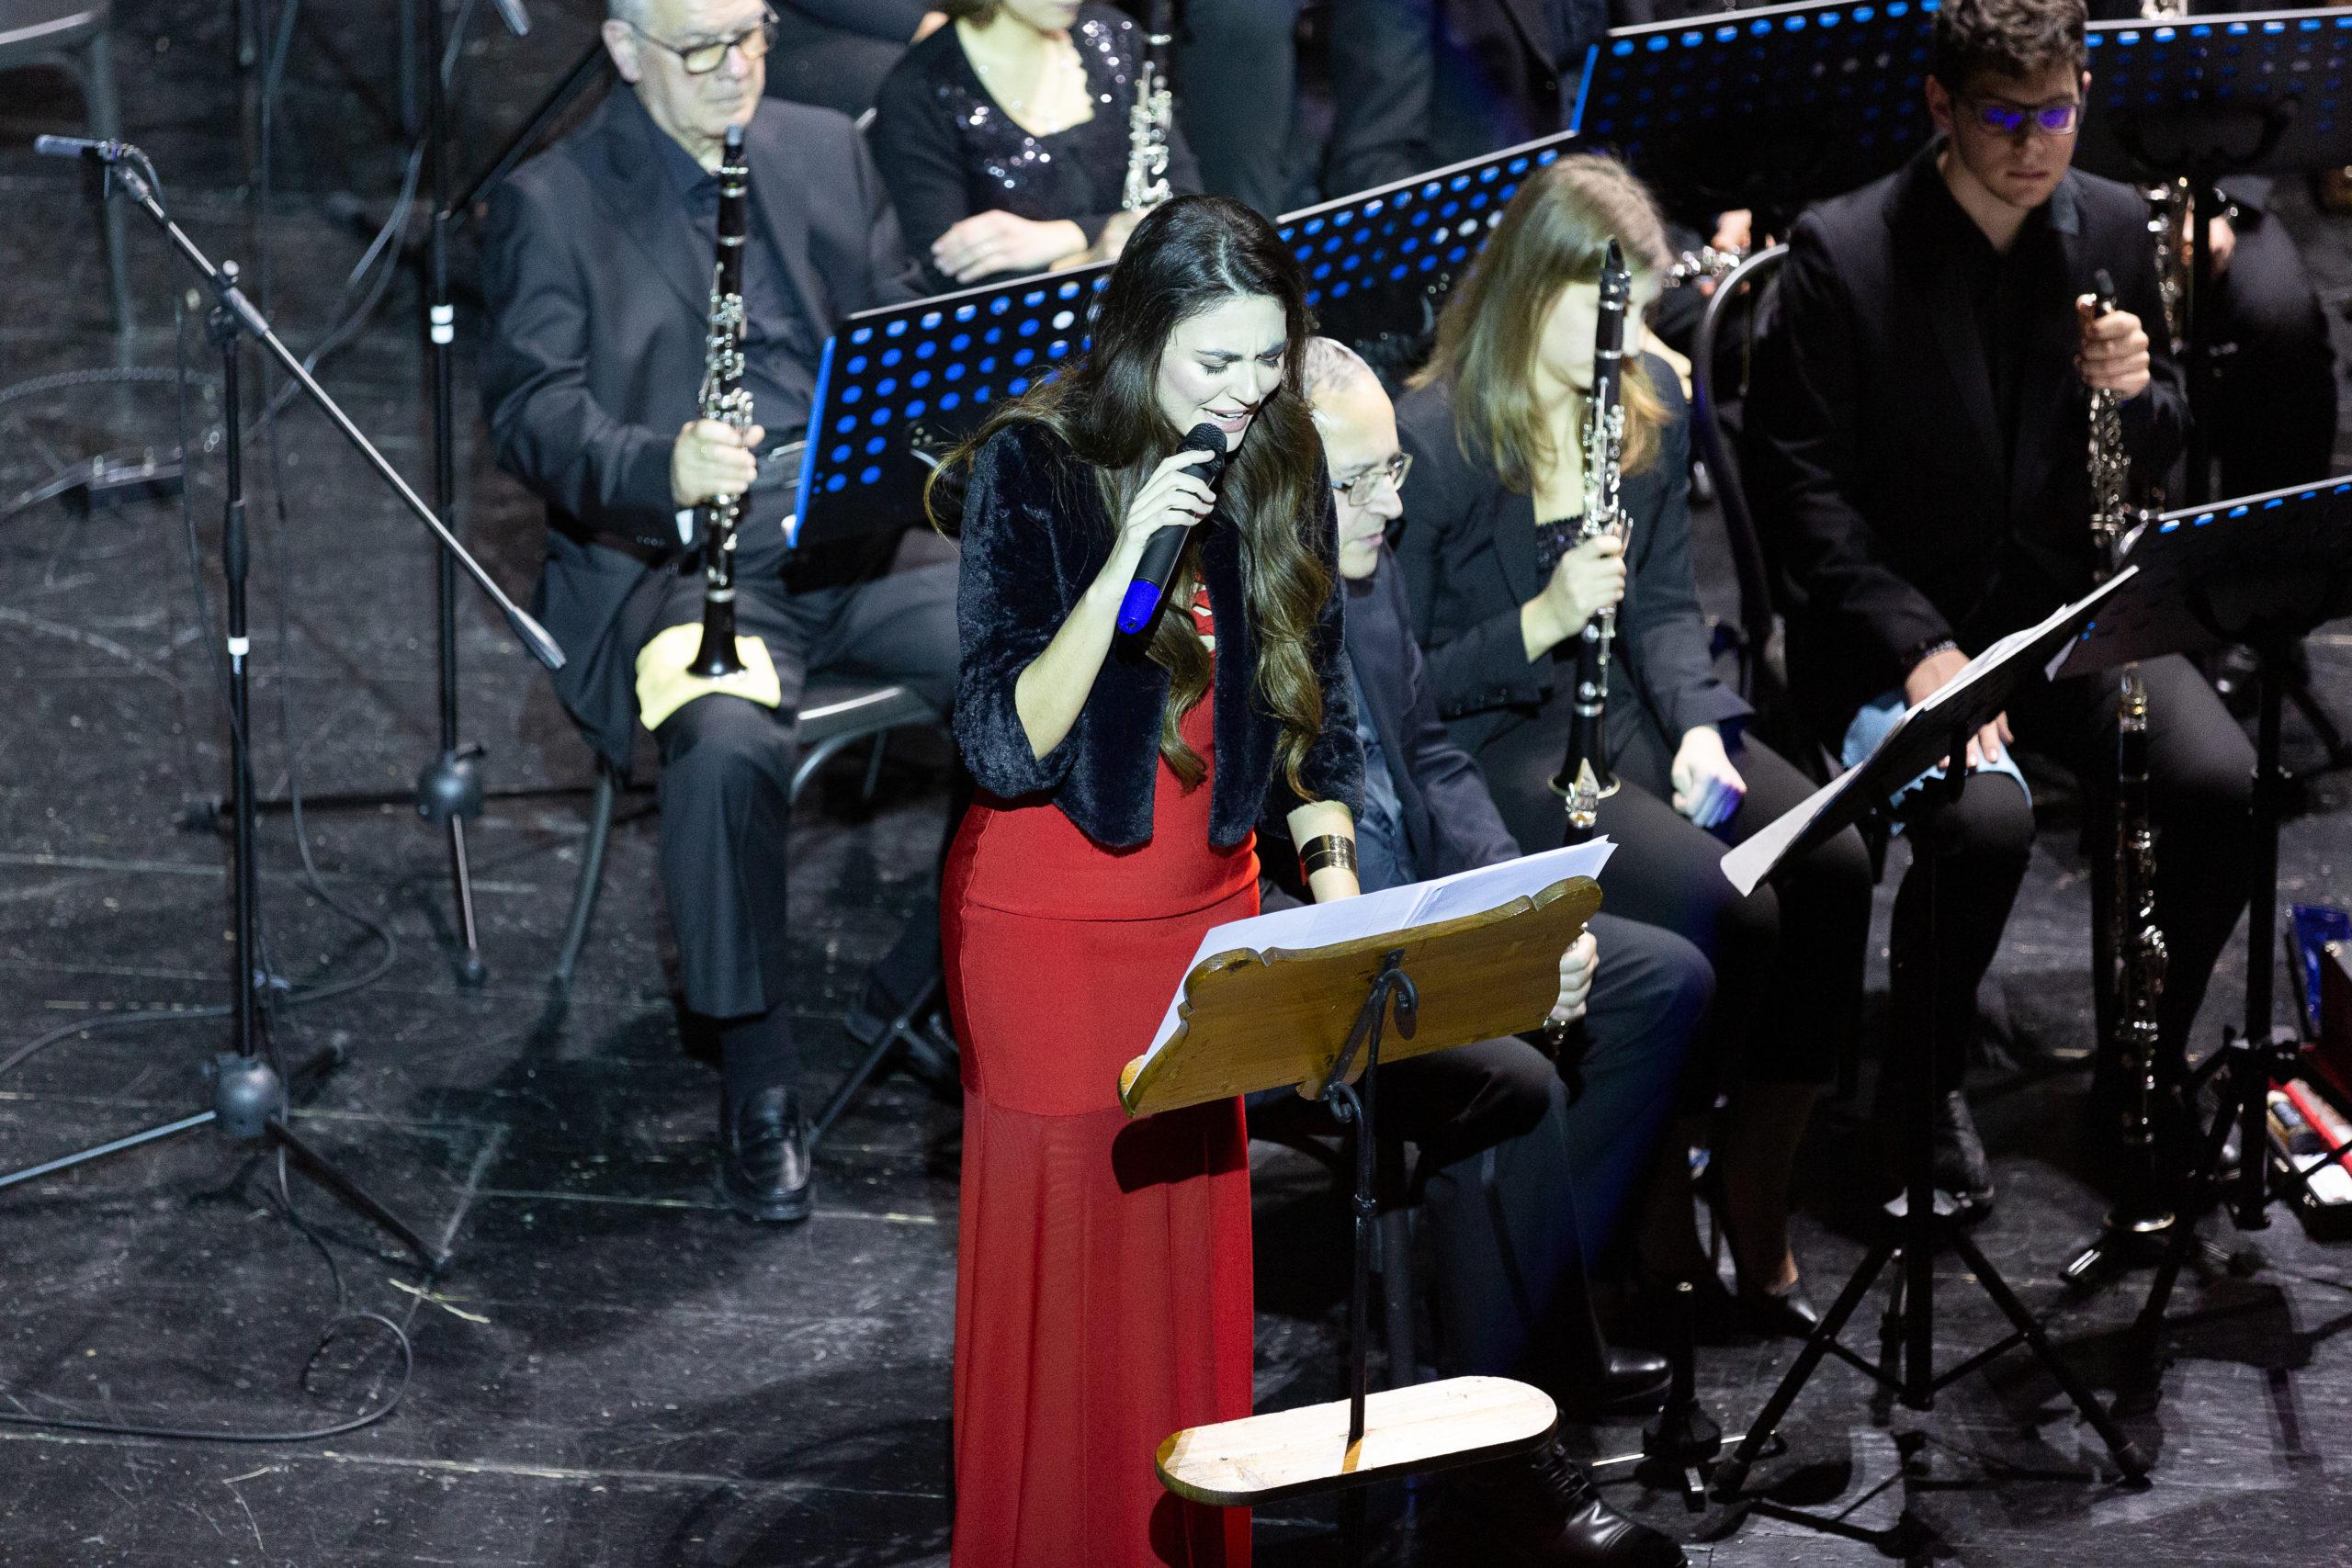 Concerto-di-Natale-Banda-Alaleona-Foto-di-Marco-Rapazzetti-3-scaled